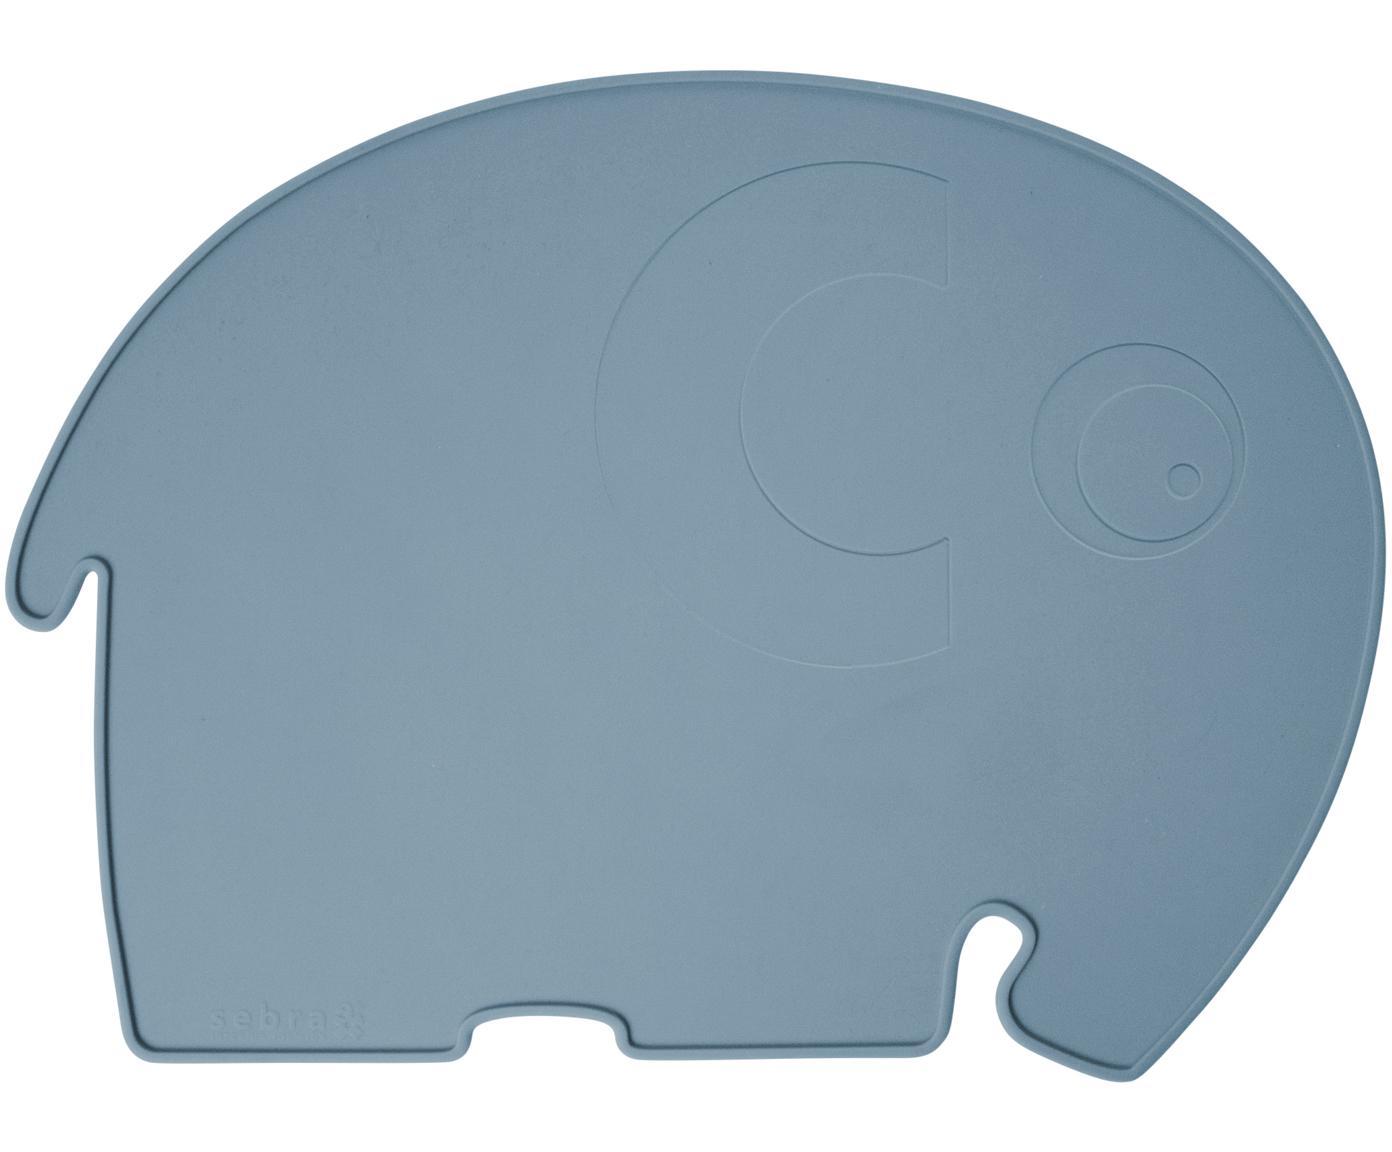 Placemat Fanto, Siliconen, BPA-vrij, Blauw, 43 x 33 cm